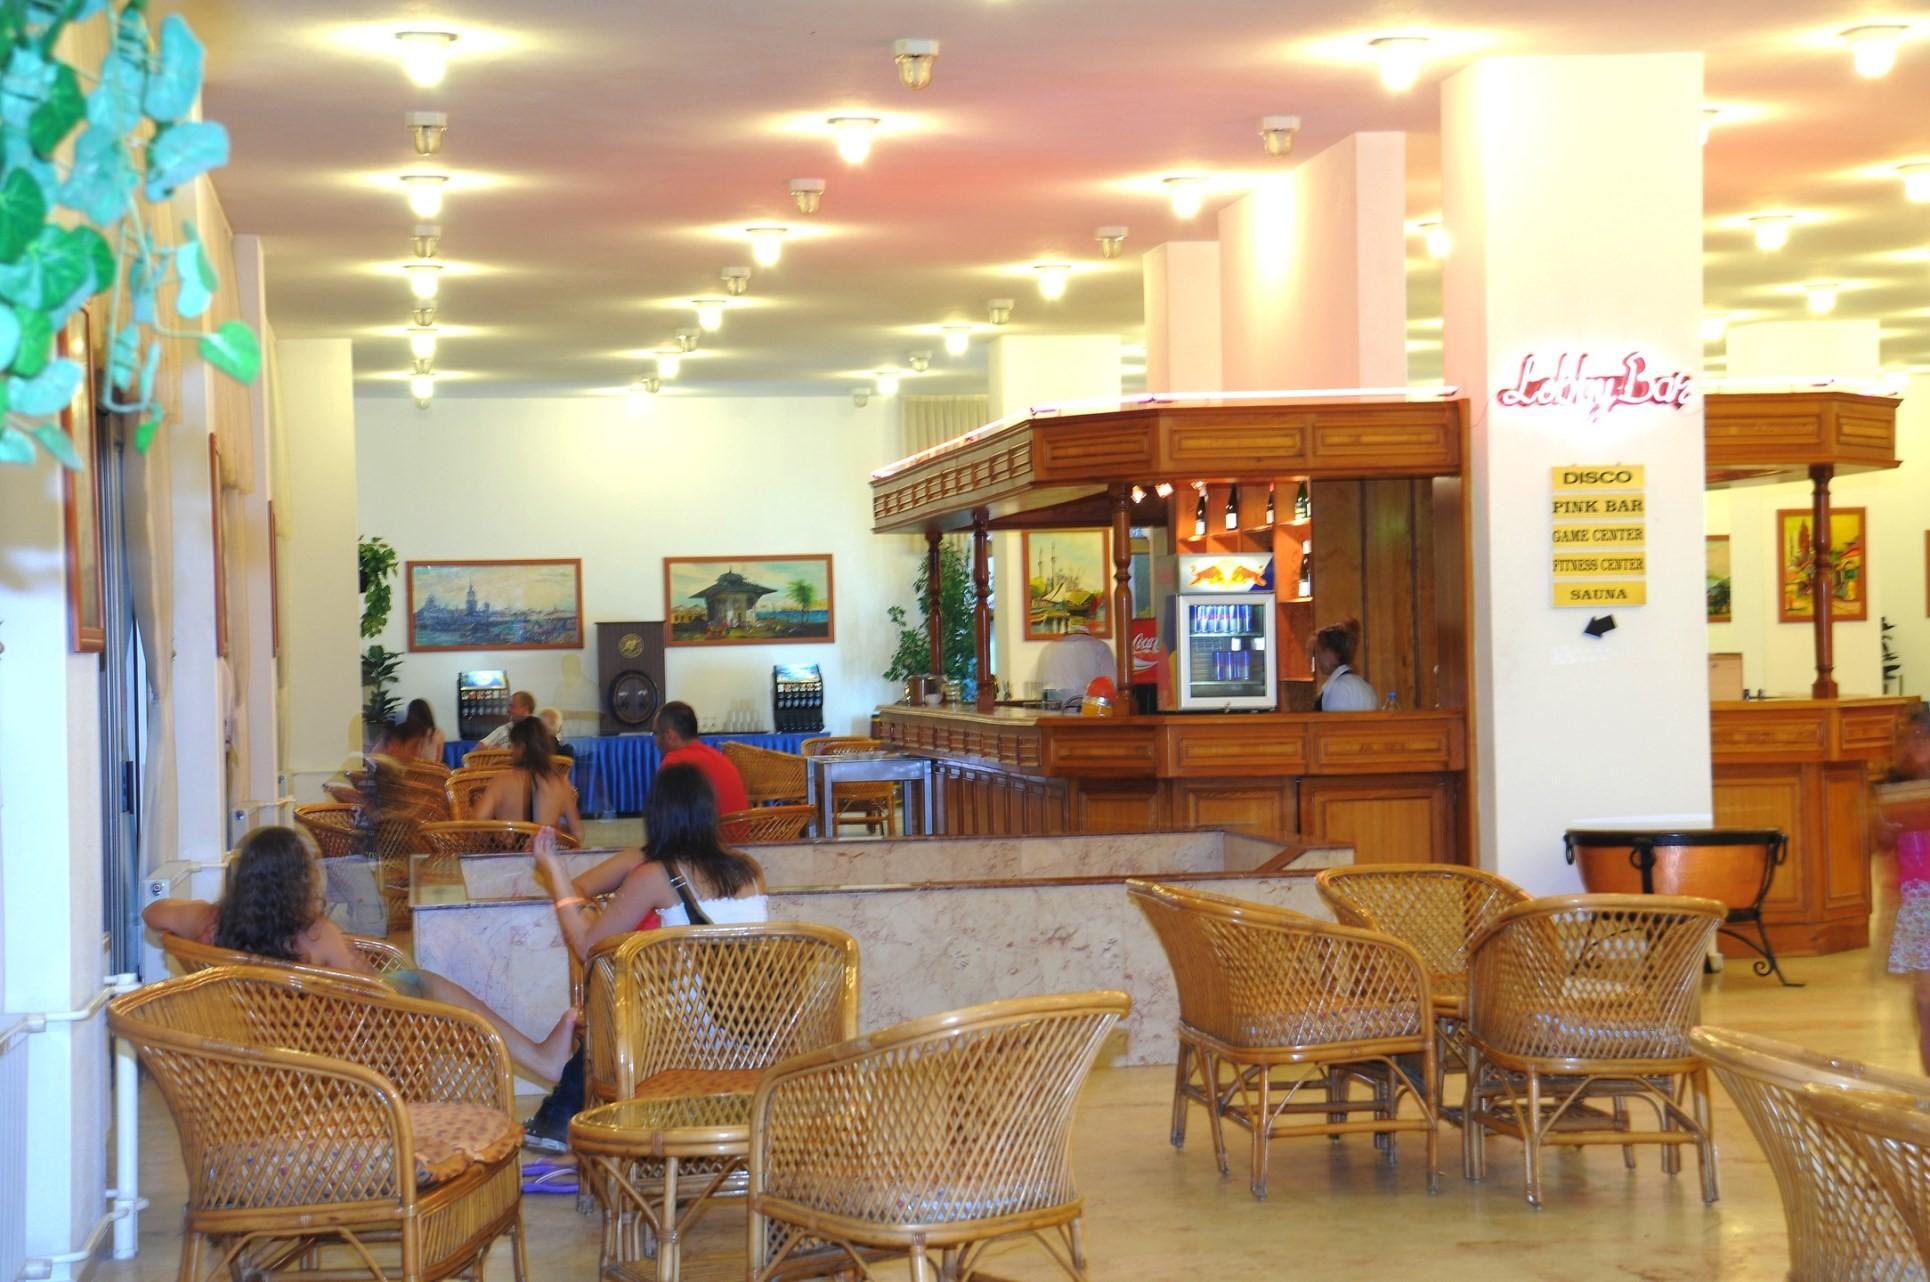 Club Hotel Grand Efe - лоби бар